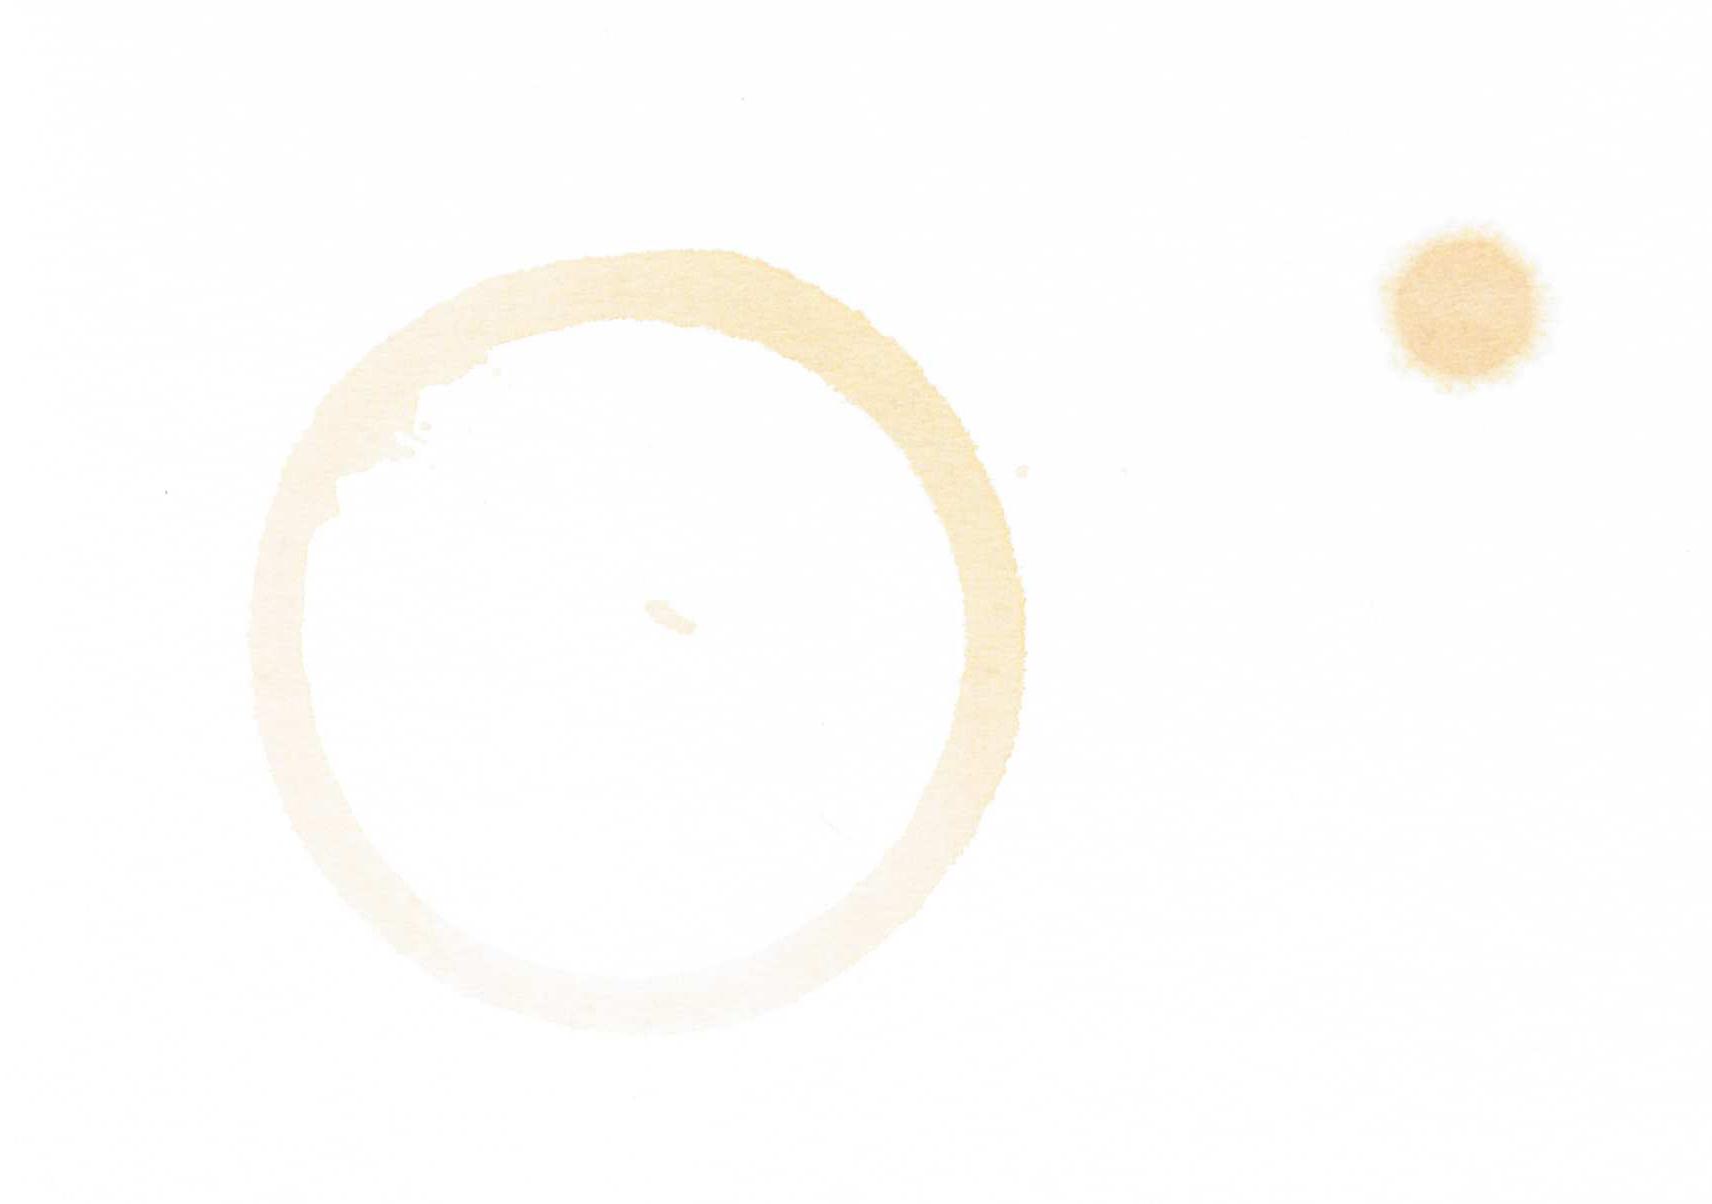 coffeerings-jpg_0009b.jpg